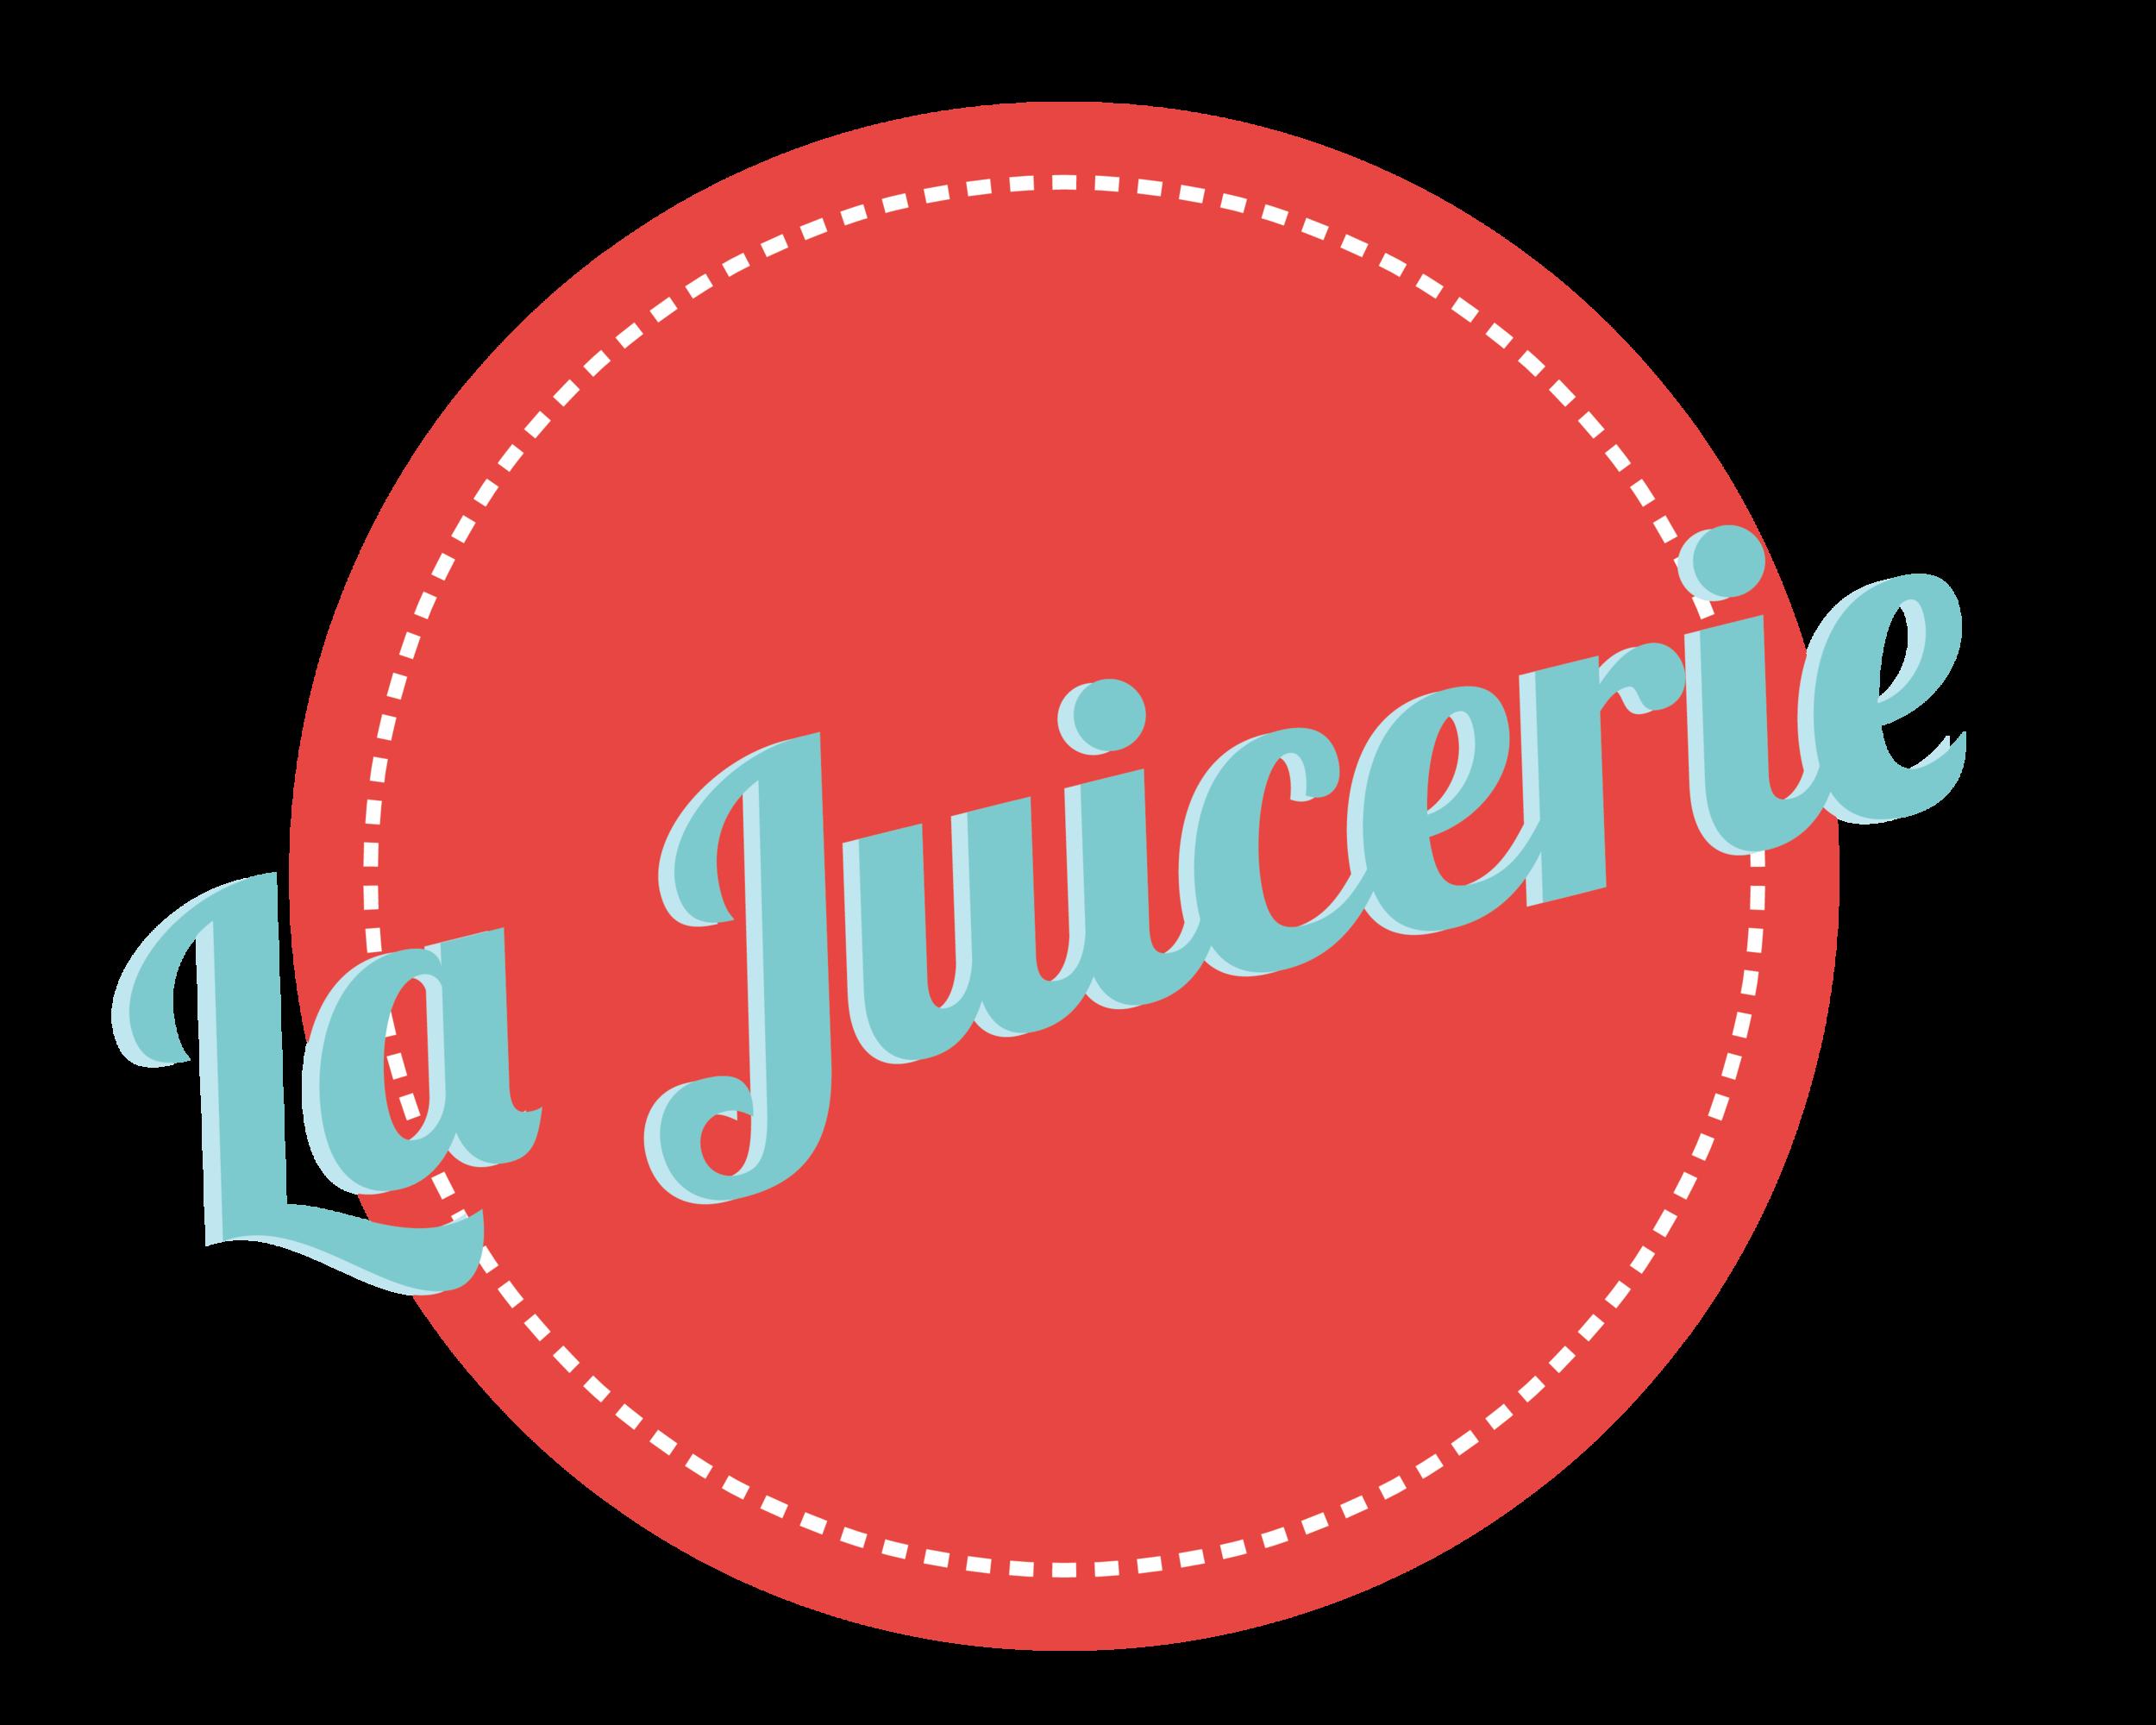 la juicerie logo mockups-04.png